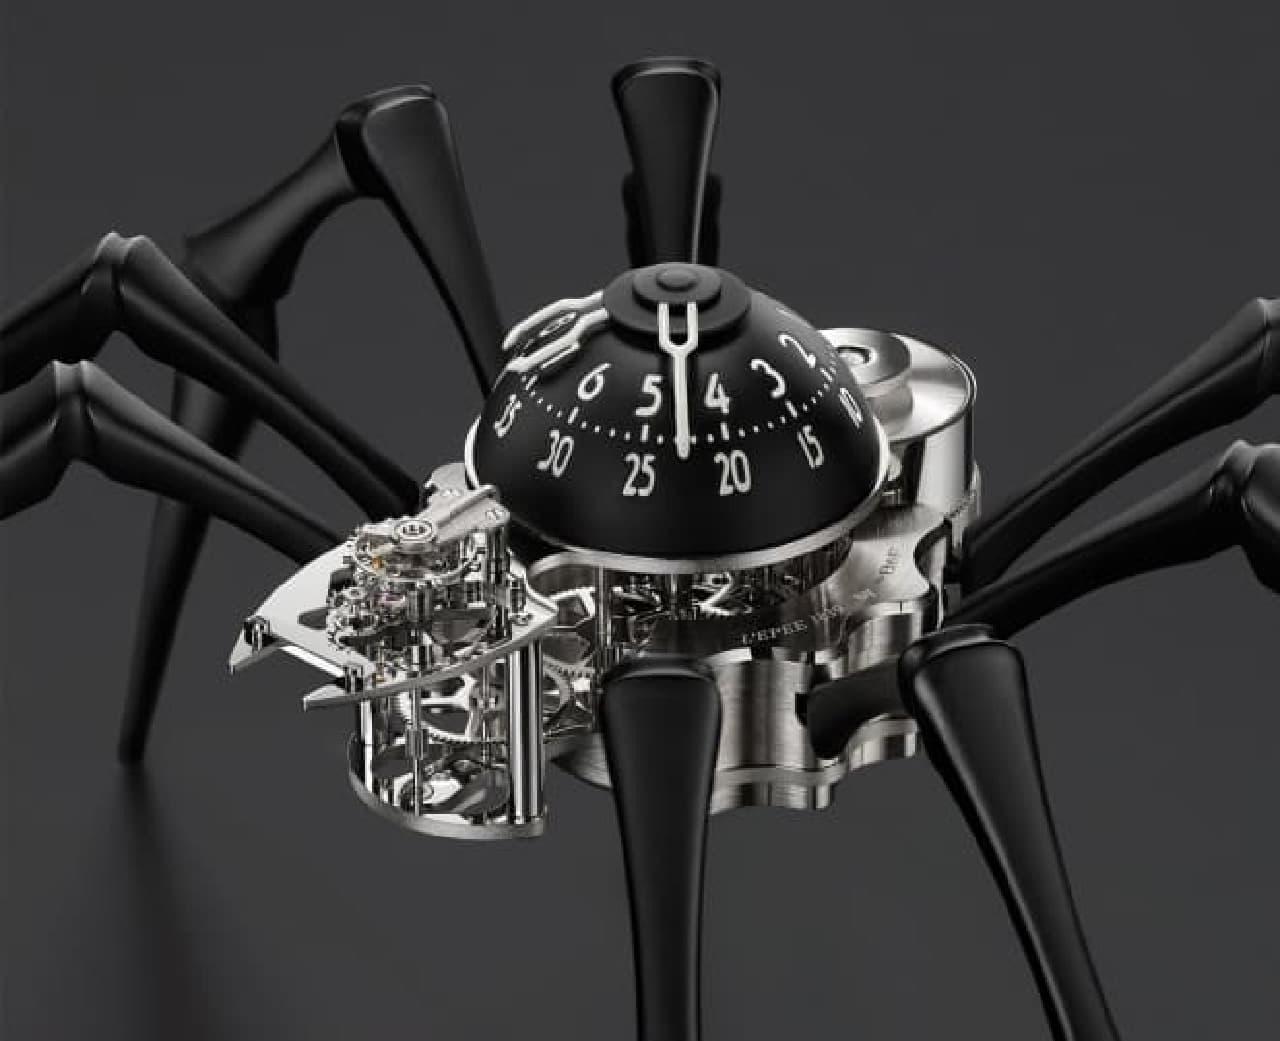 クモ型をした時計「Arachnophobia(アラクノフォビア:クモ恐怖症)」